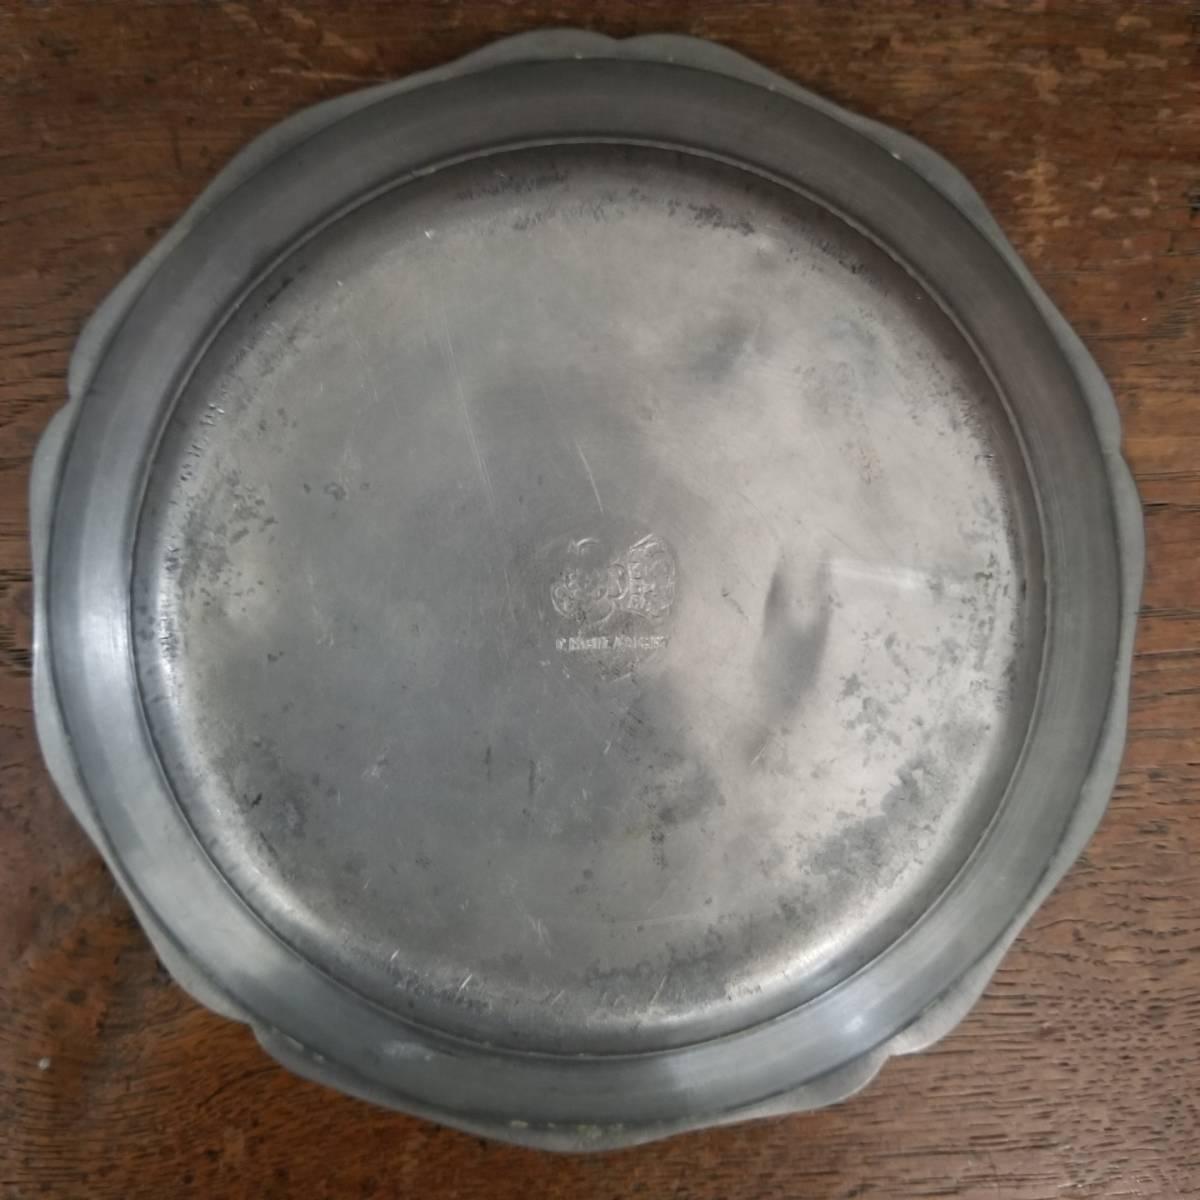 アンティーク 花リム ピュータープレート 23㎝ ④ エタンプレート 錫のお皿 フランス ヴィンテージ ブロカント シャビーシック 古道具_画像4